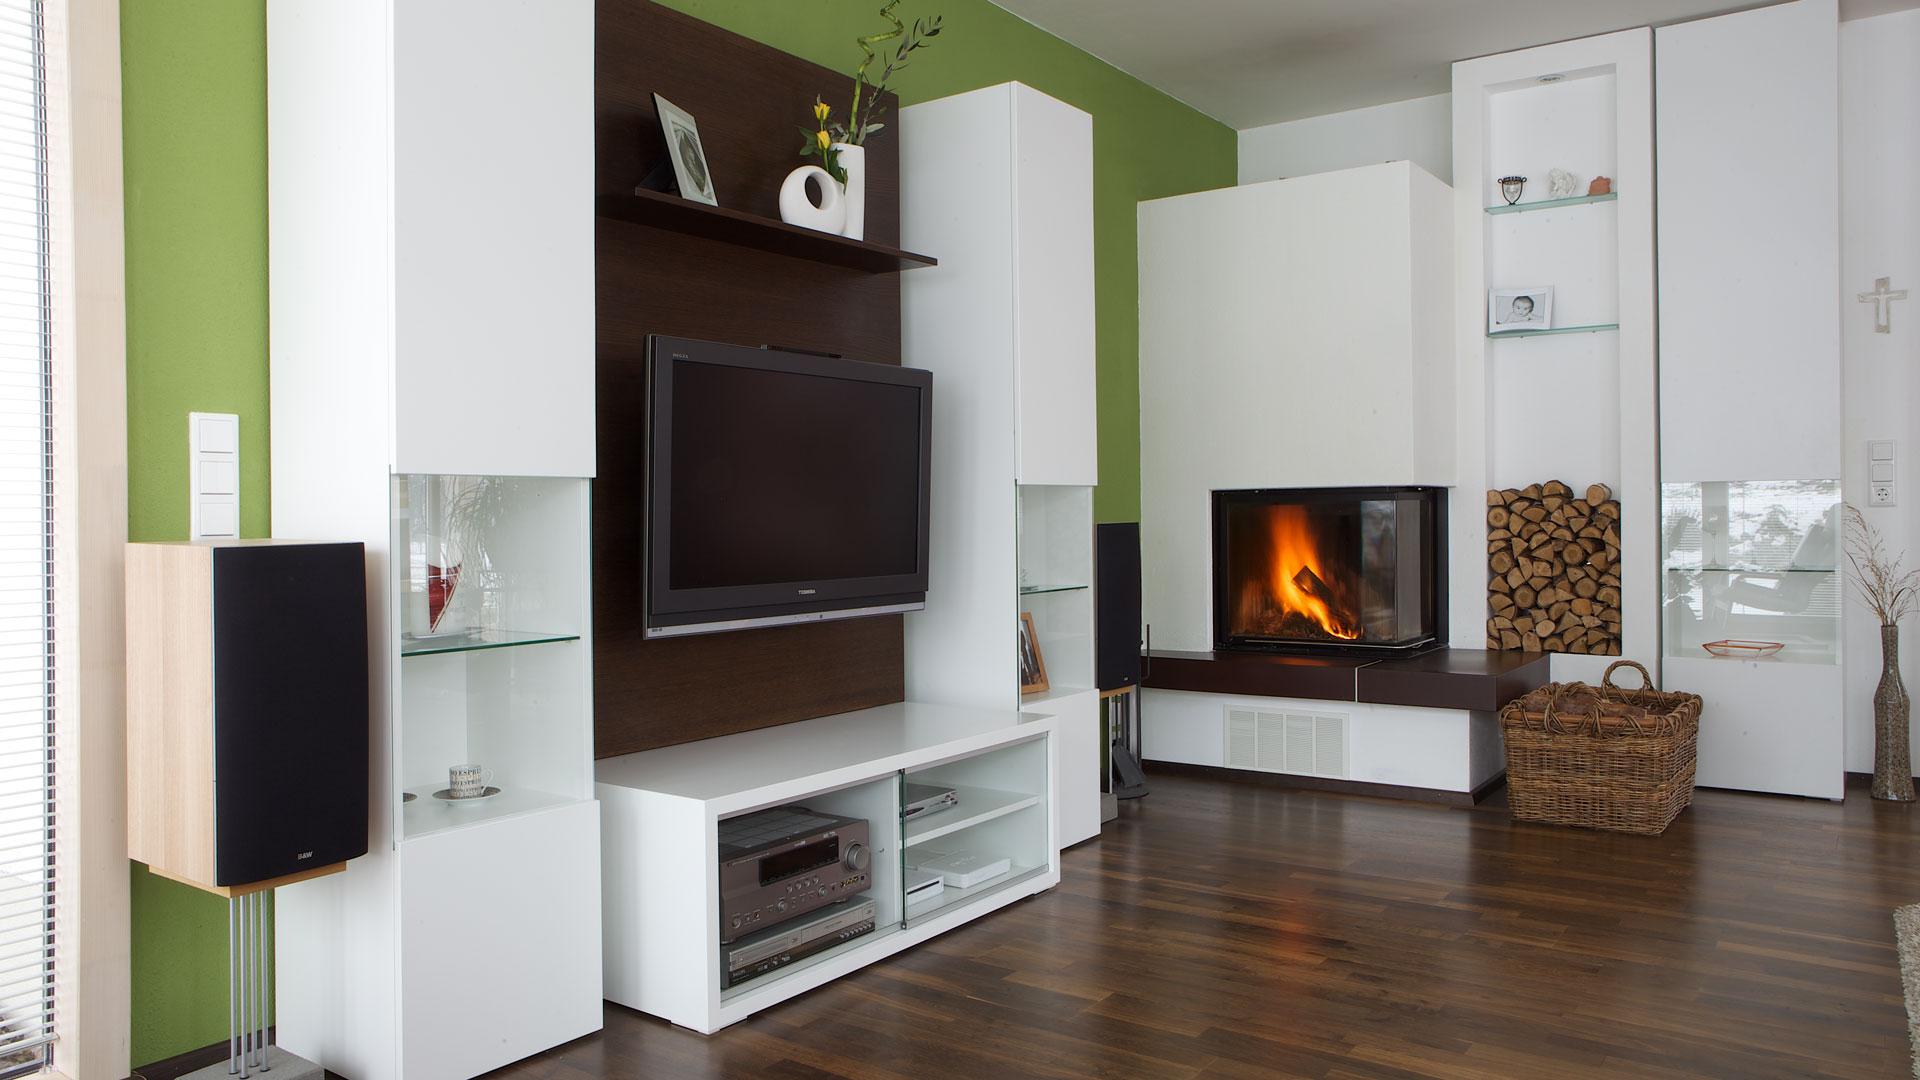 wohnzimmer tv m bel 684 schreinerei steinberger bubach m belschreiner messebau. Black Bedroom Furniture Sets. Home Design Ideas